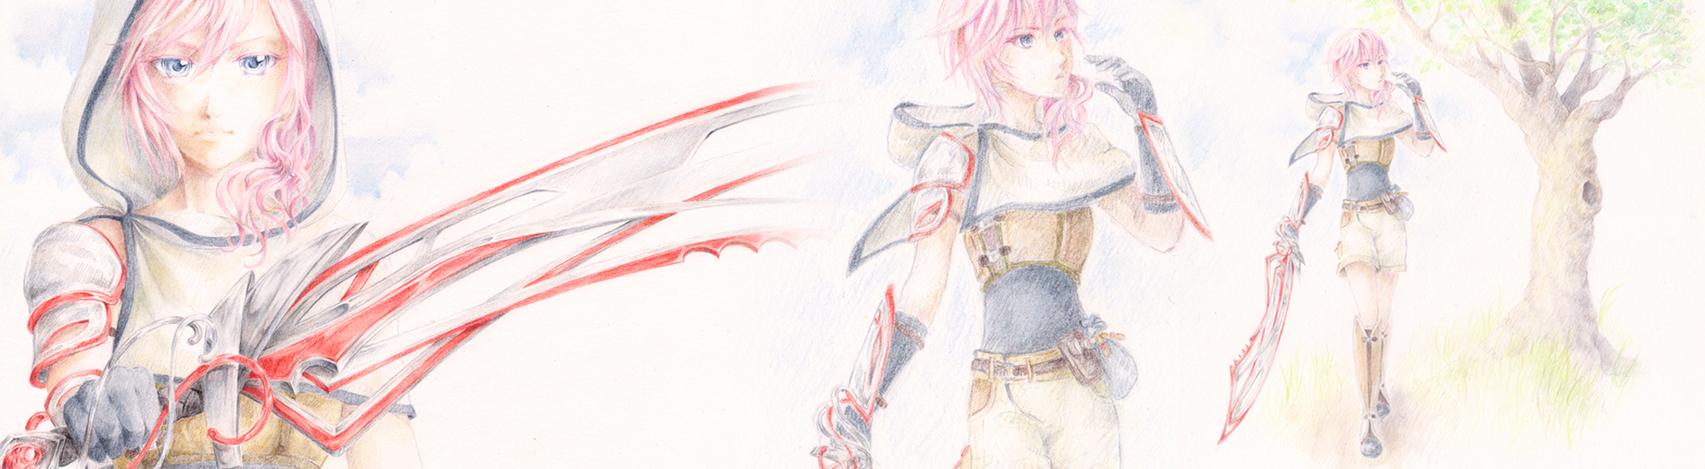 FinalFantasyLRContest by UsagiYogurt